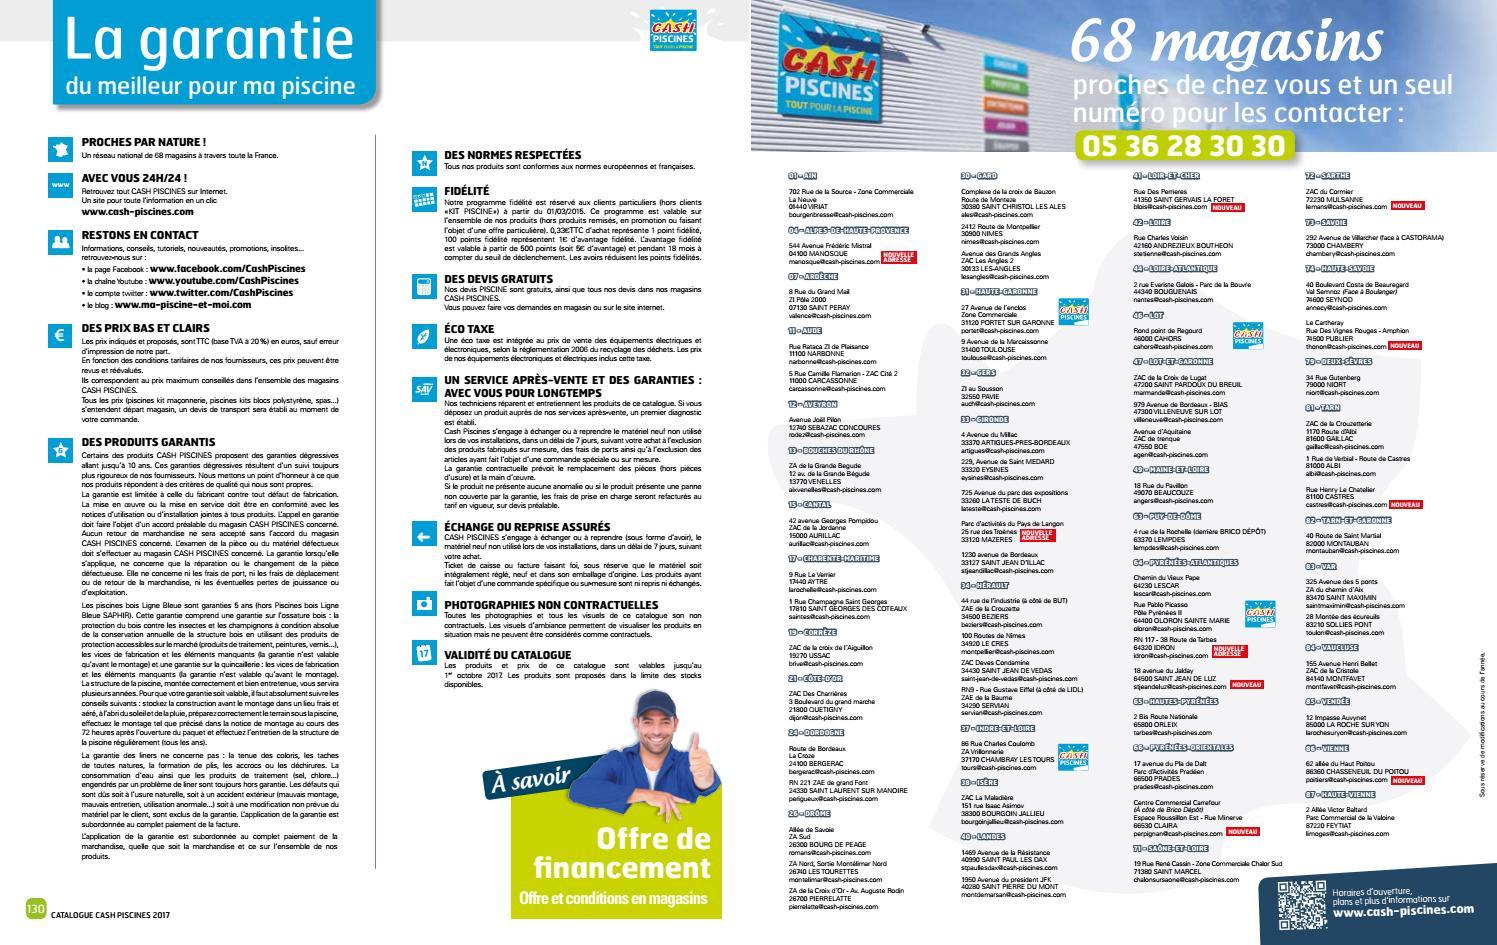 Catalogue Cash Piscine 2017 By Octave Octave - Issuu pour Cash Piscine Lescar